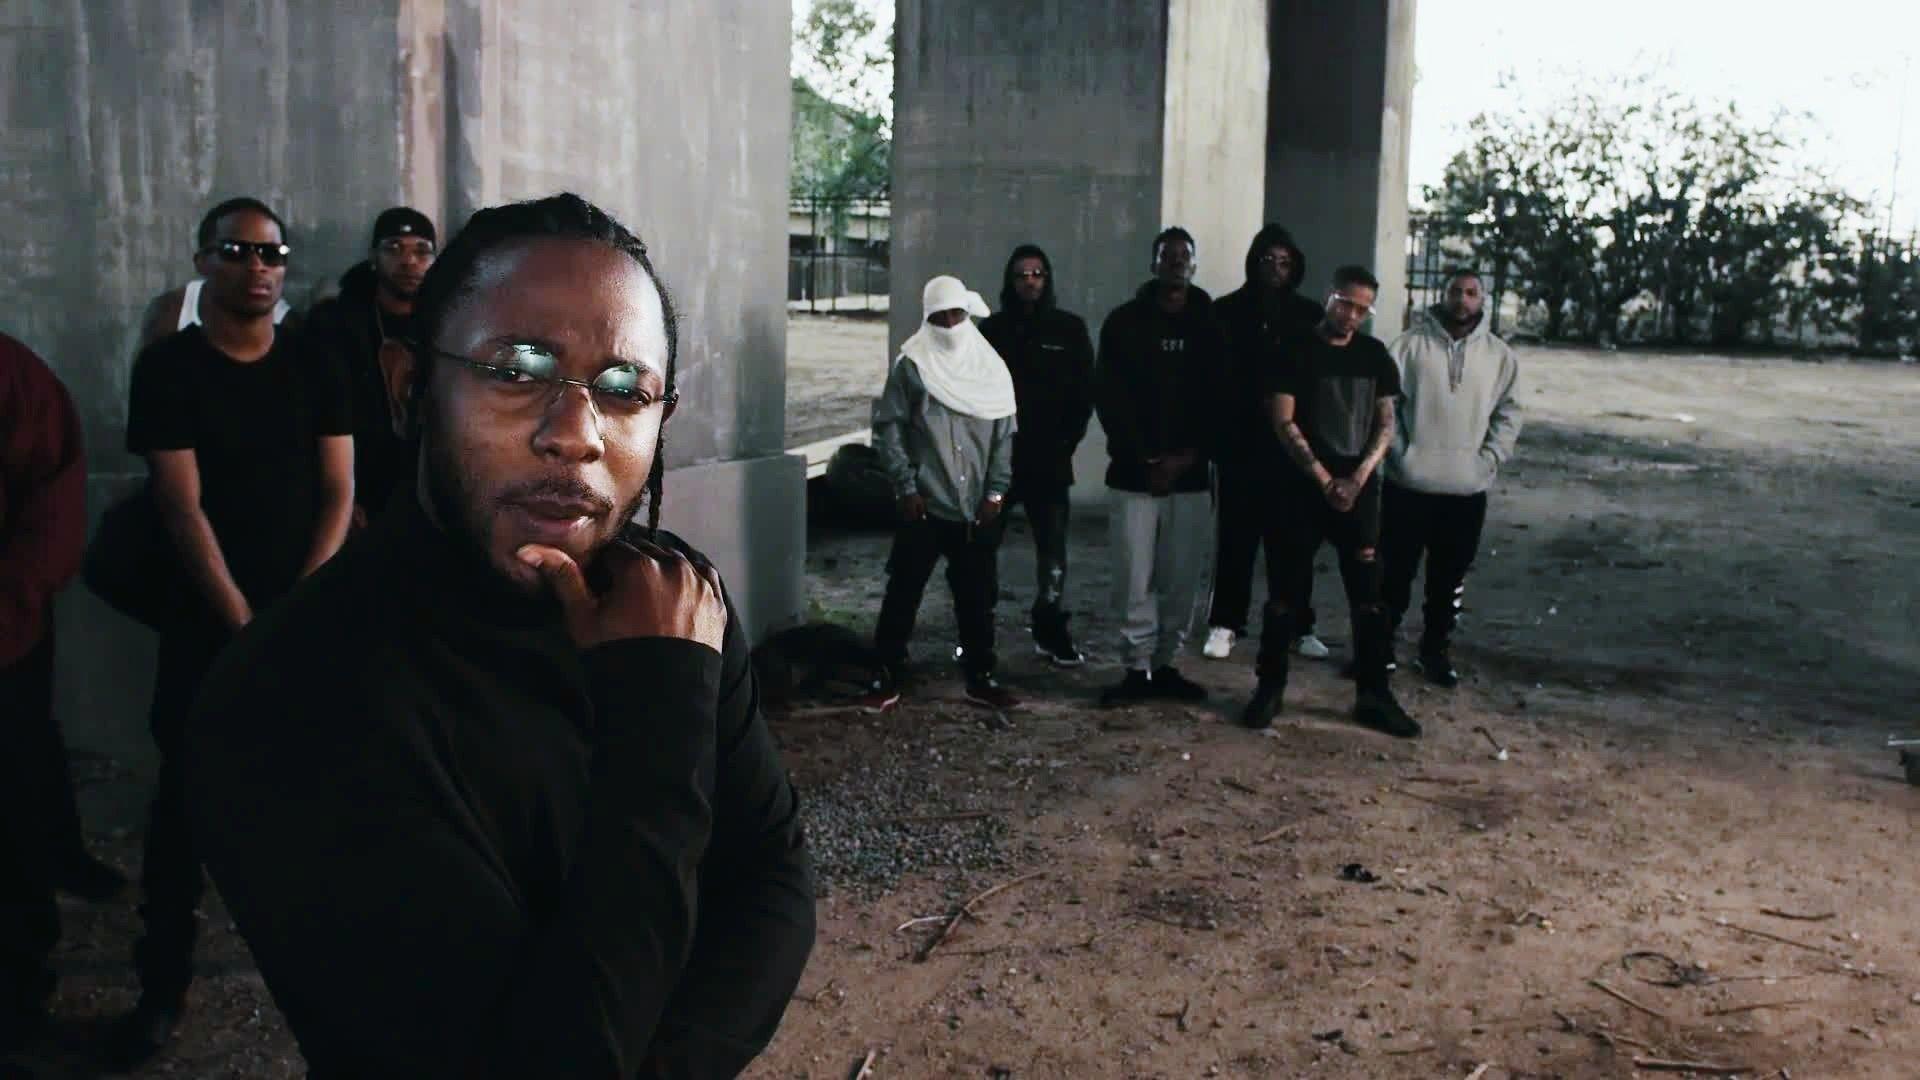 Kendrick Lamar 2018 Wallpapers - Wallpaper Cave